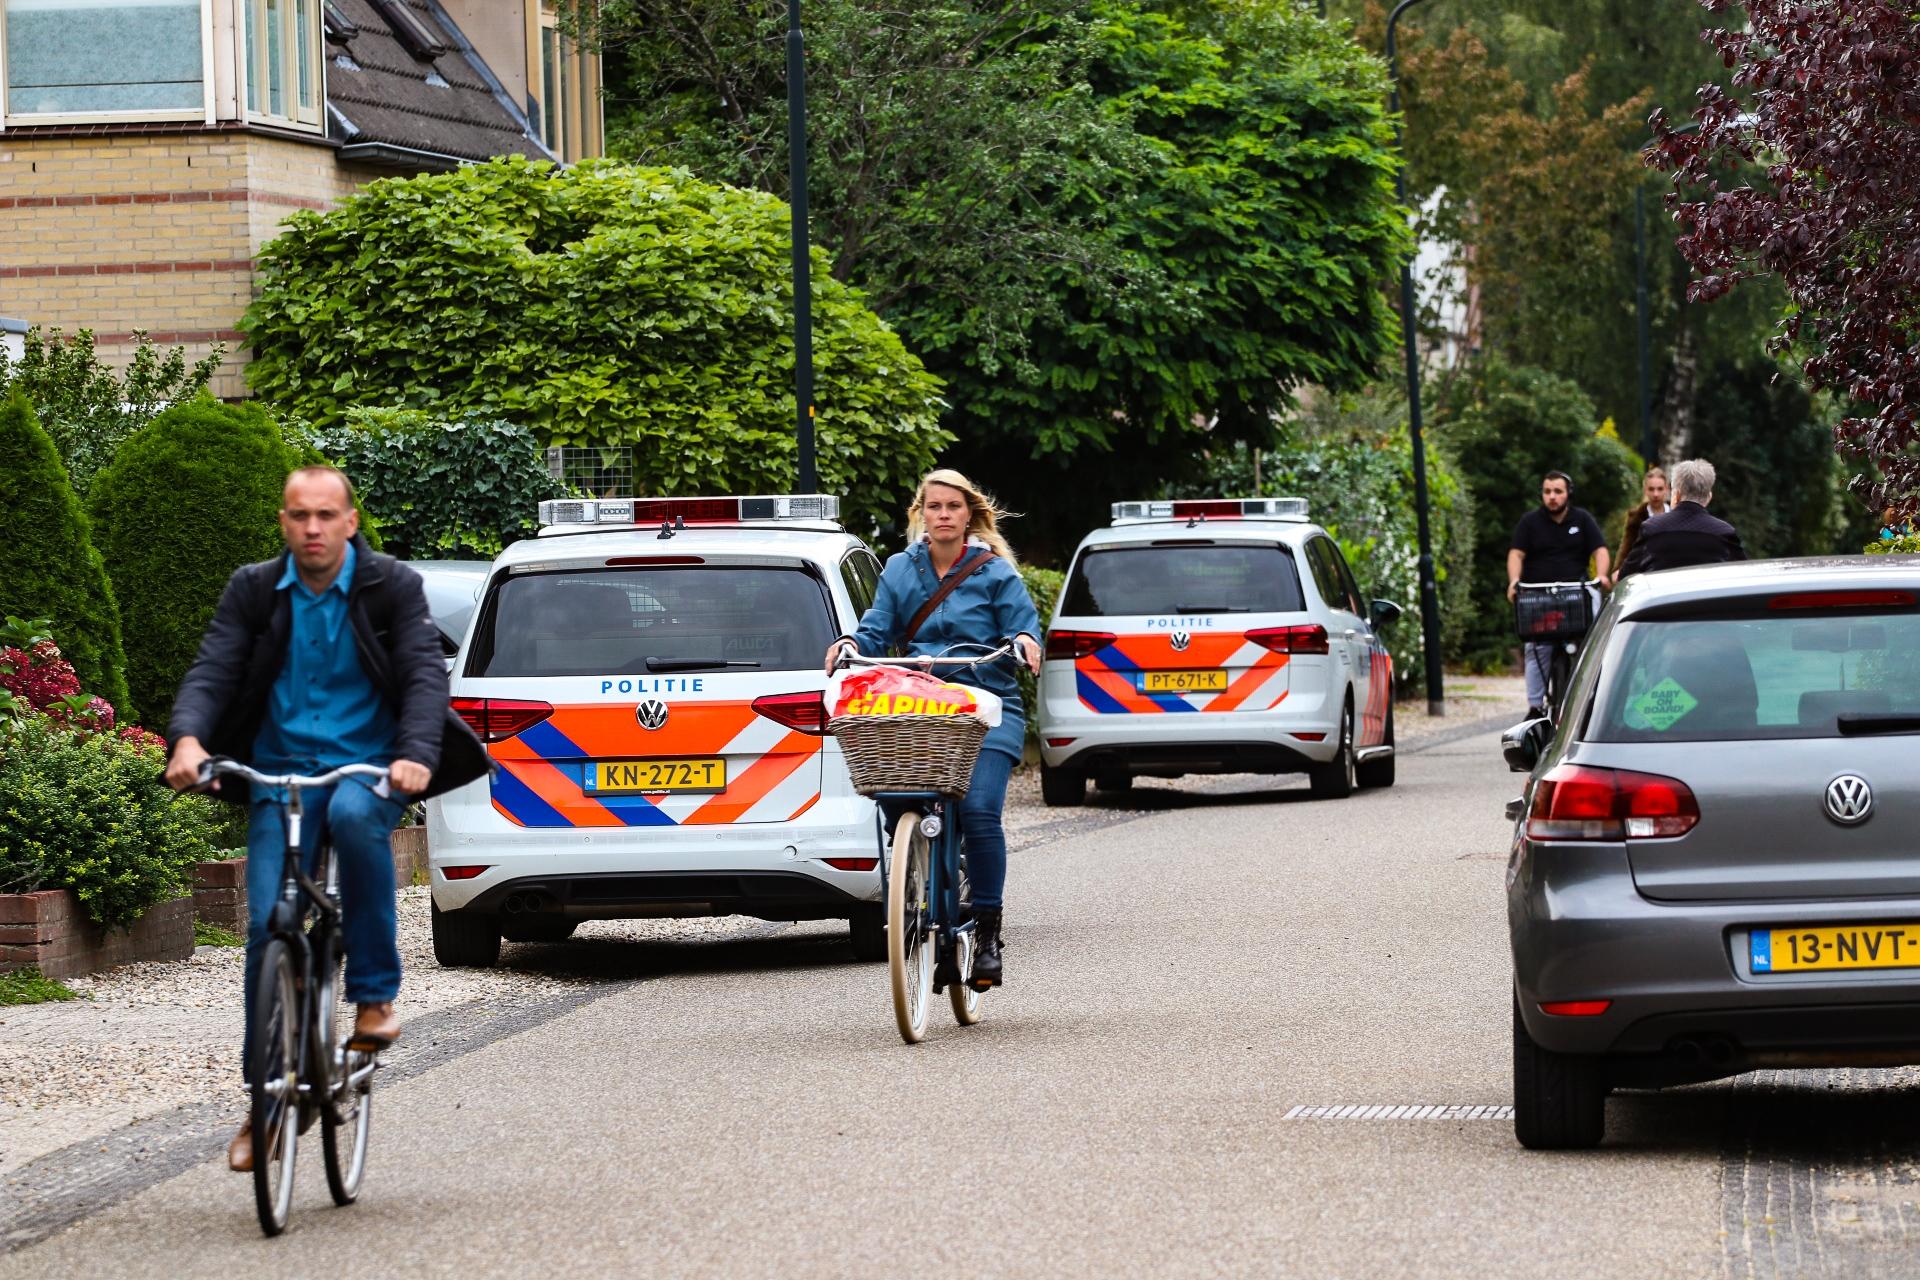 Politie zoekt dader van poging tot beroving in Apeldoorn